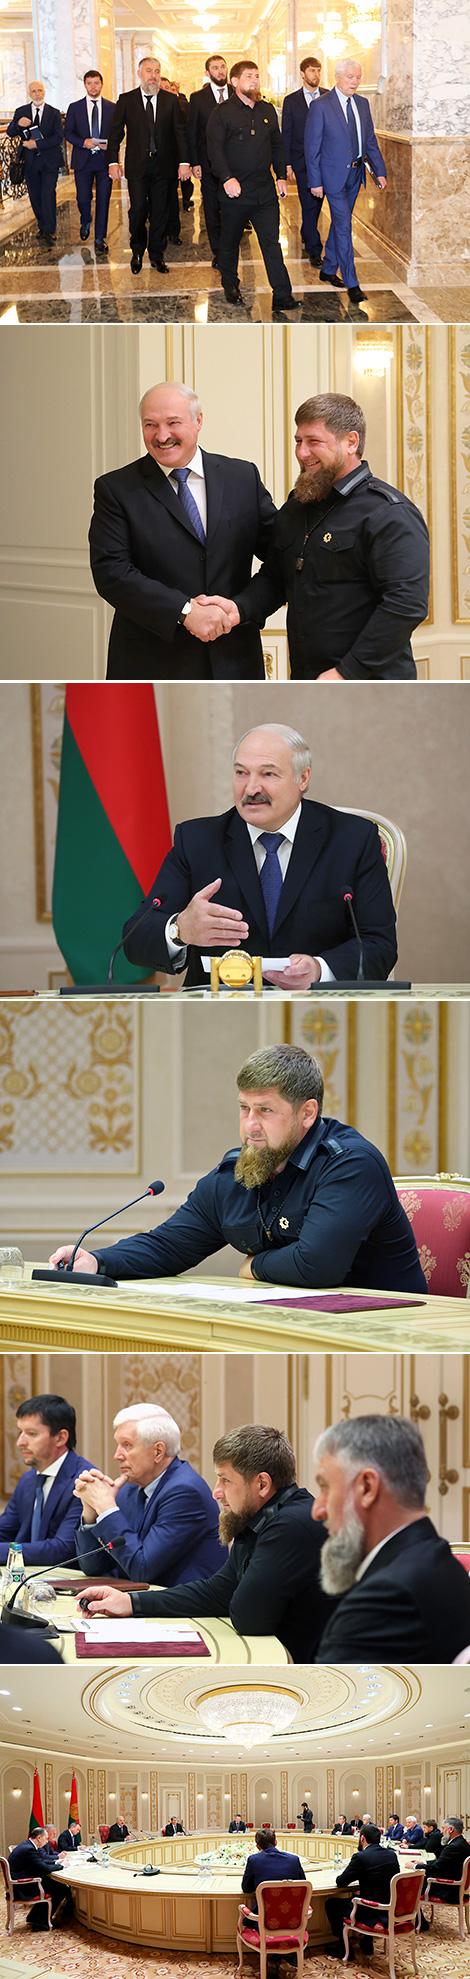 Lukashenko suggests developing industrial cooperation between Belarus, Chechnya